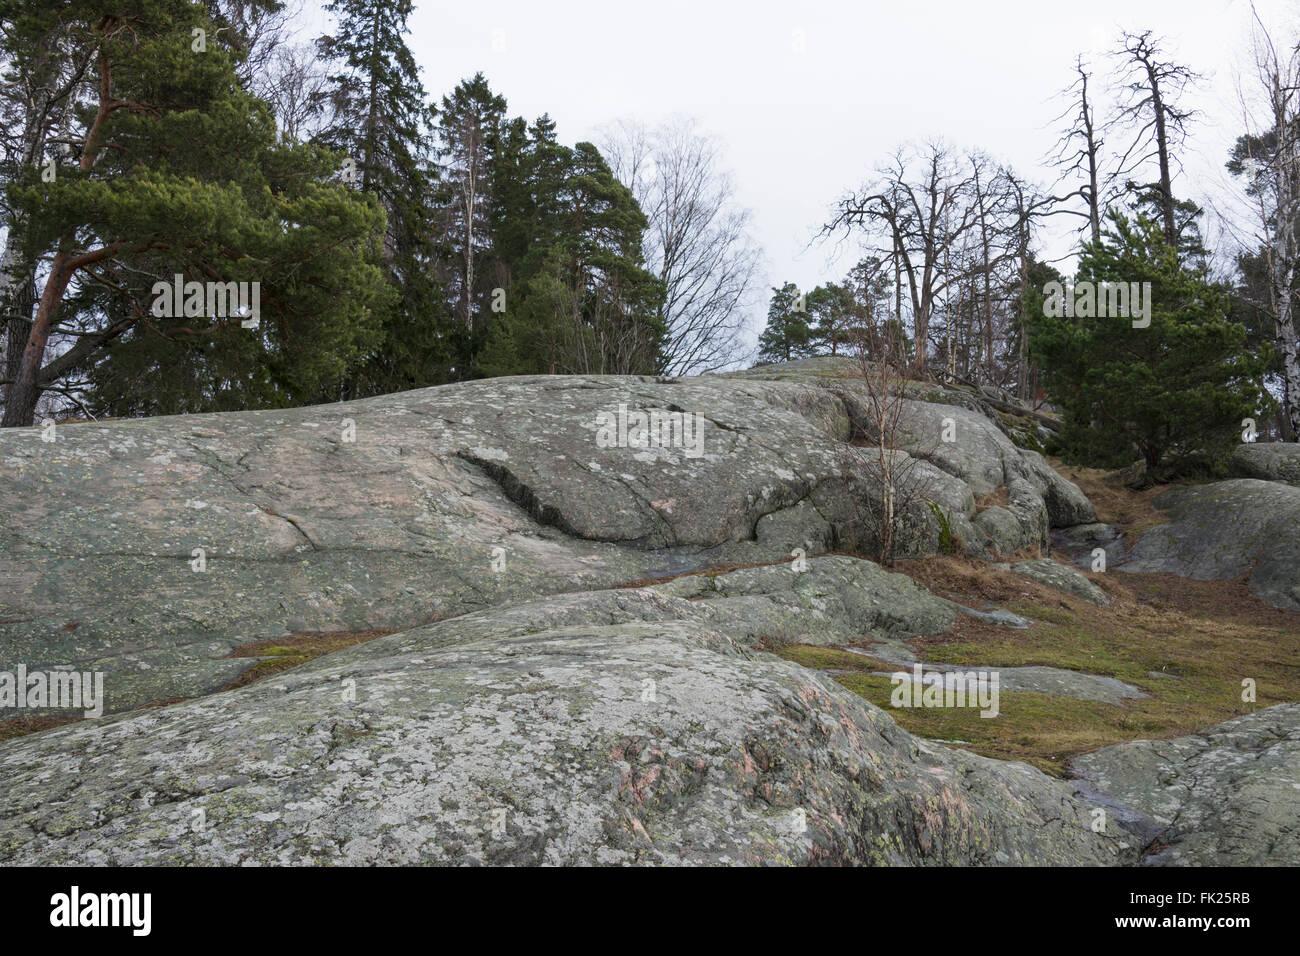 Rocks of Seurasaari Open-Air Museum - Stock Image